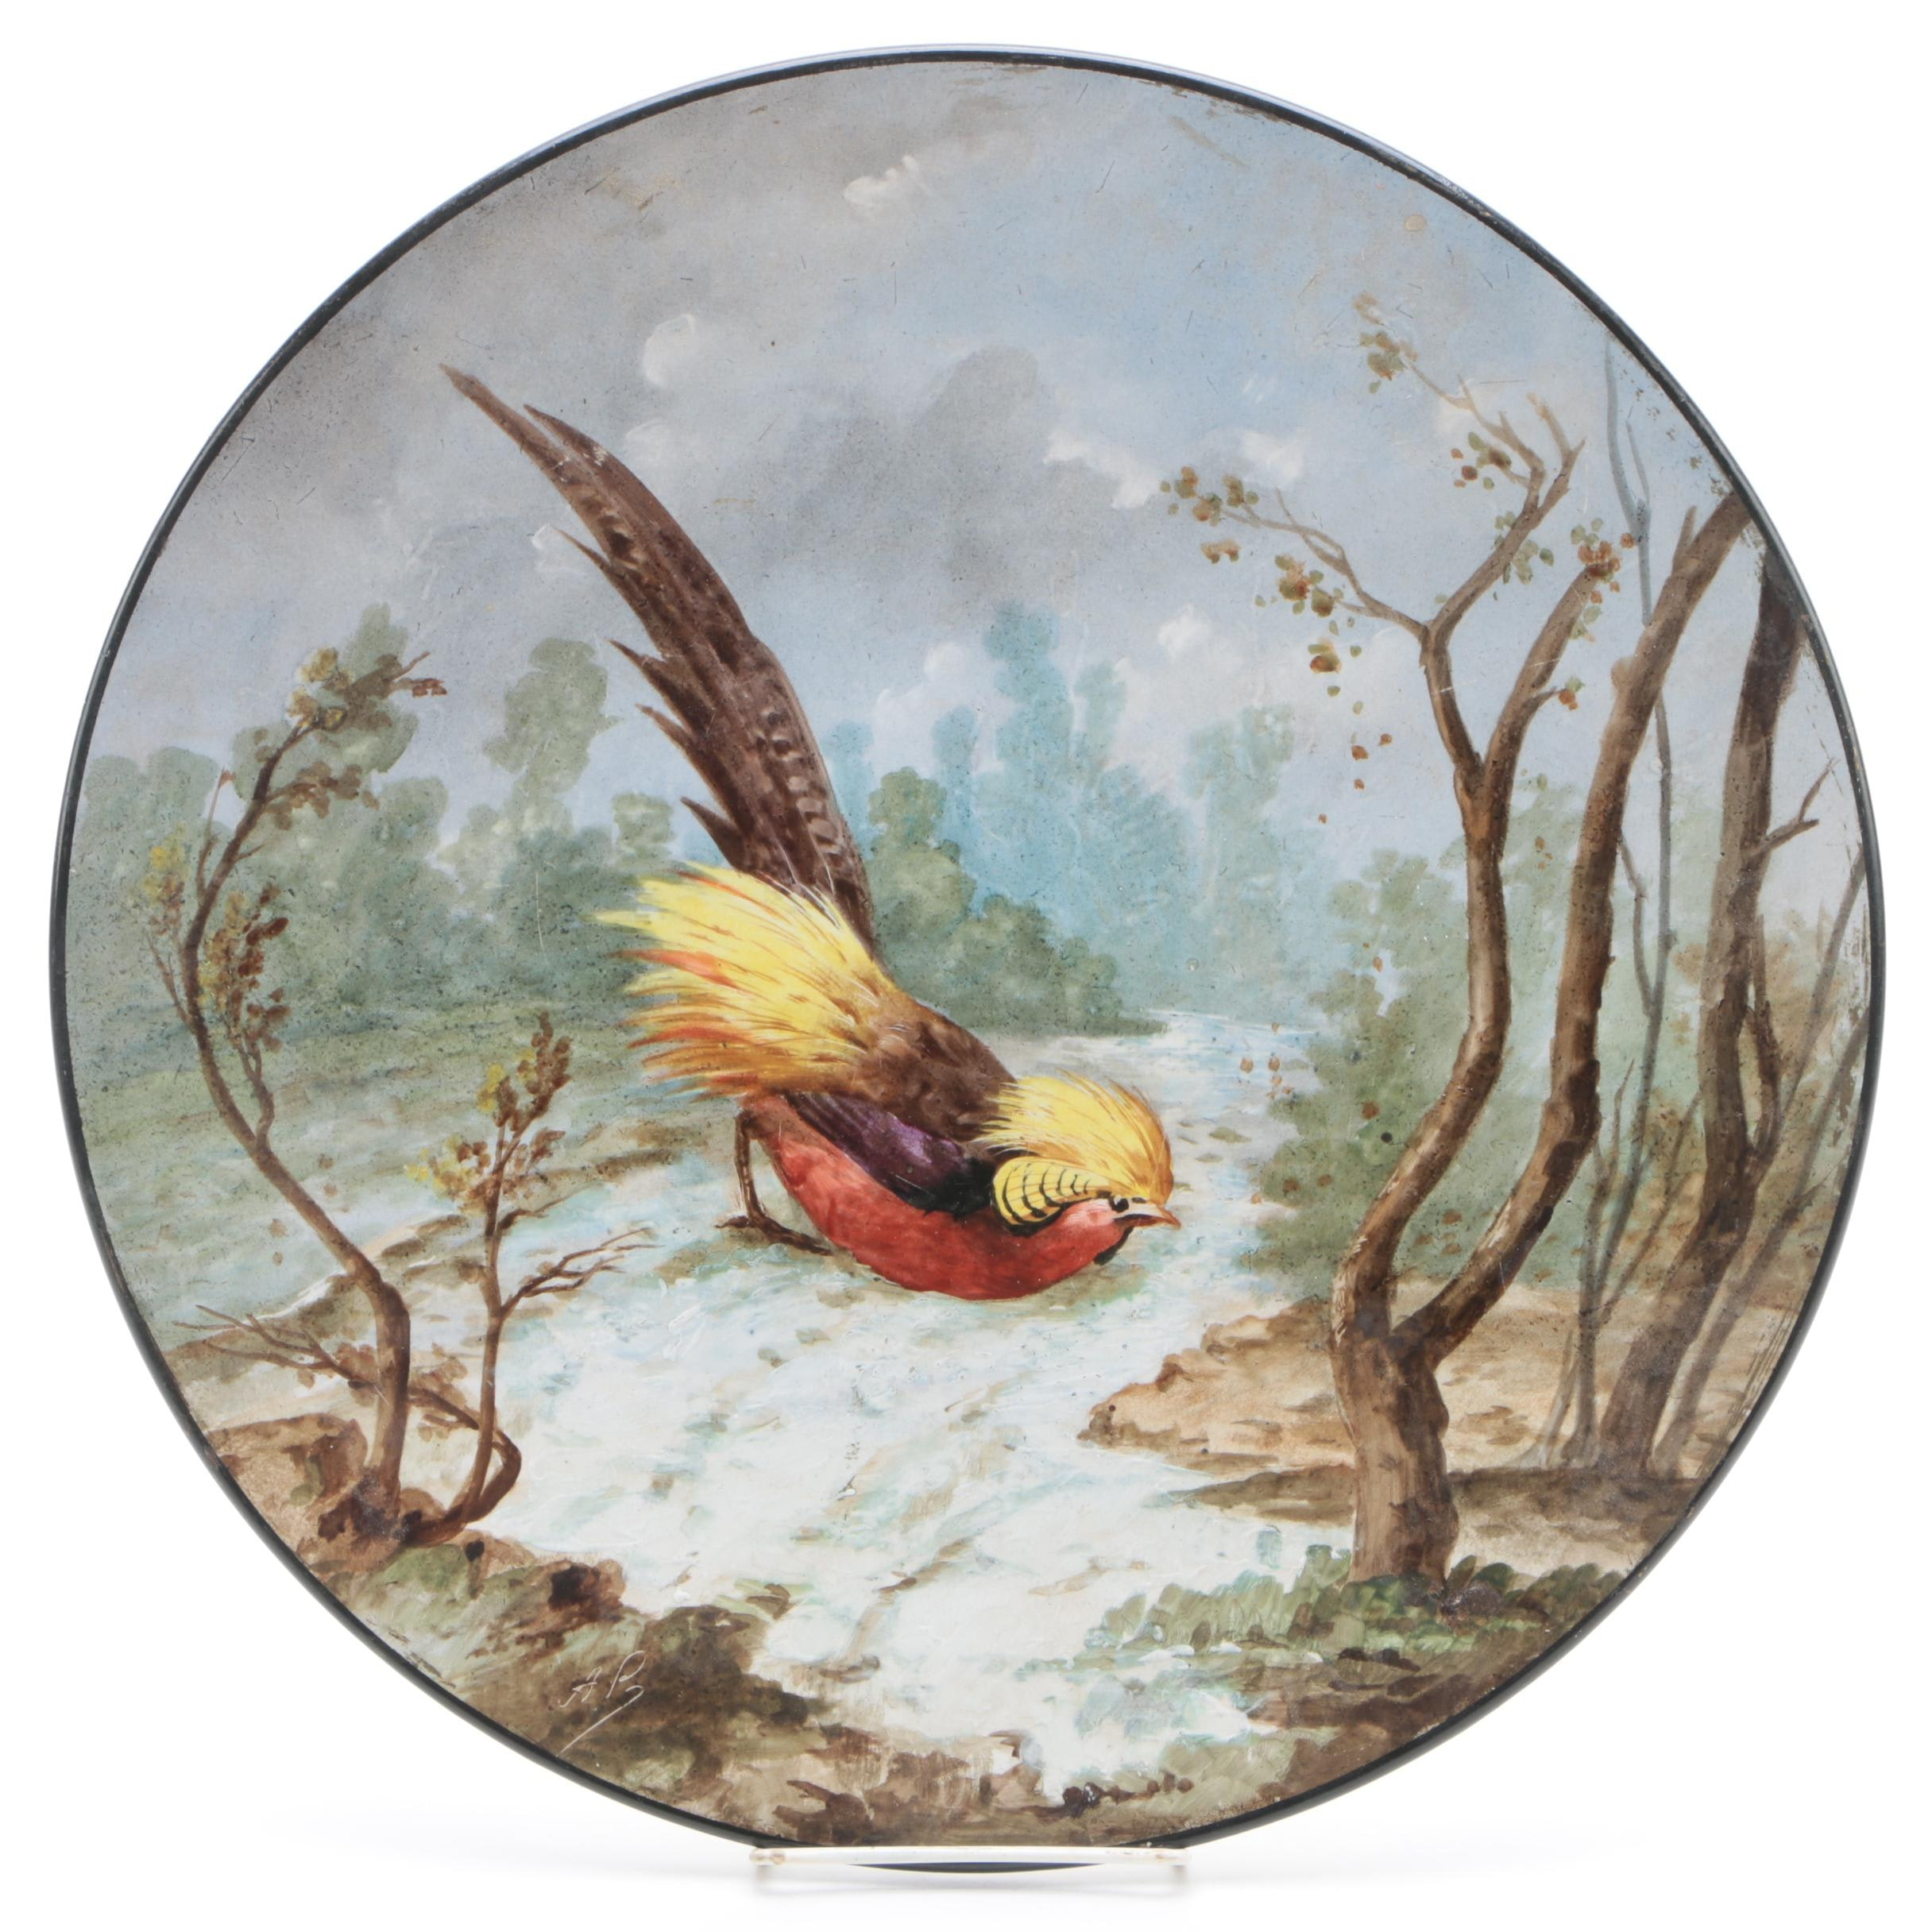 Antique Hand-Painted Paris Porcelain Platter